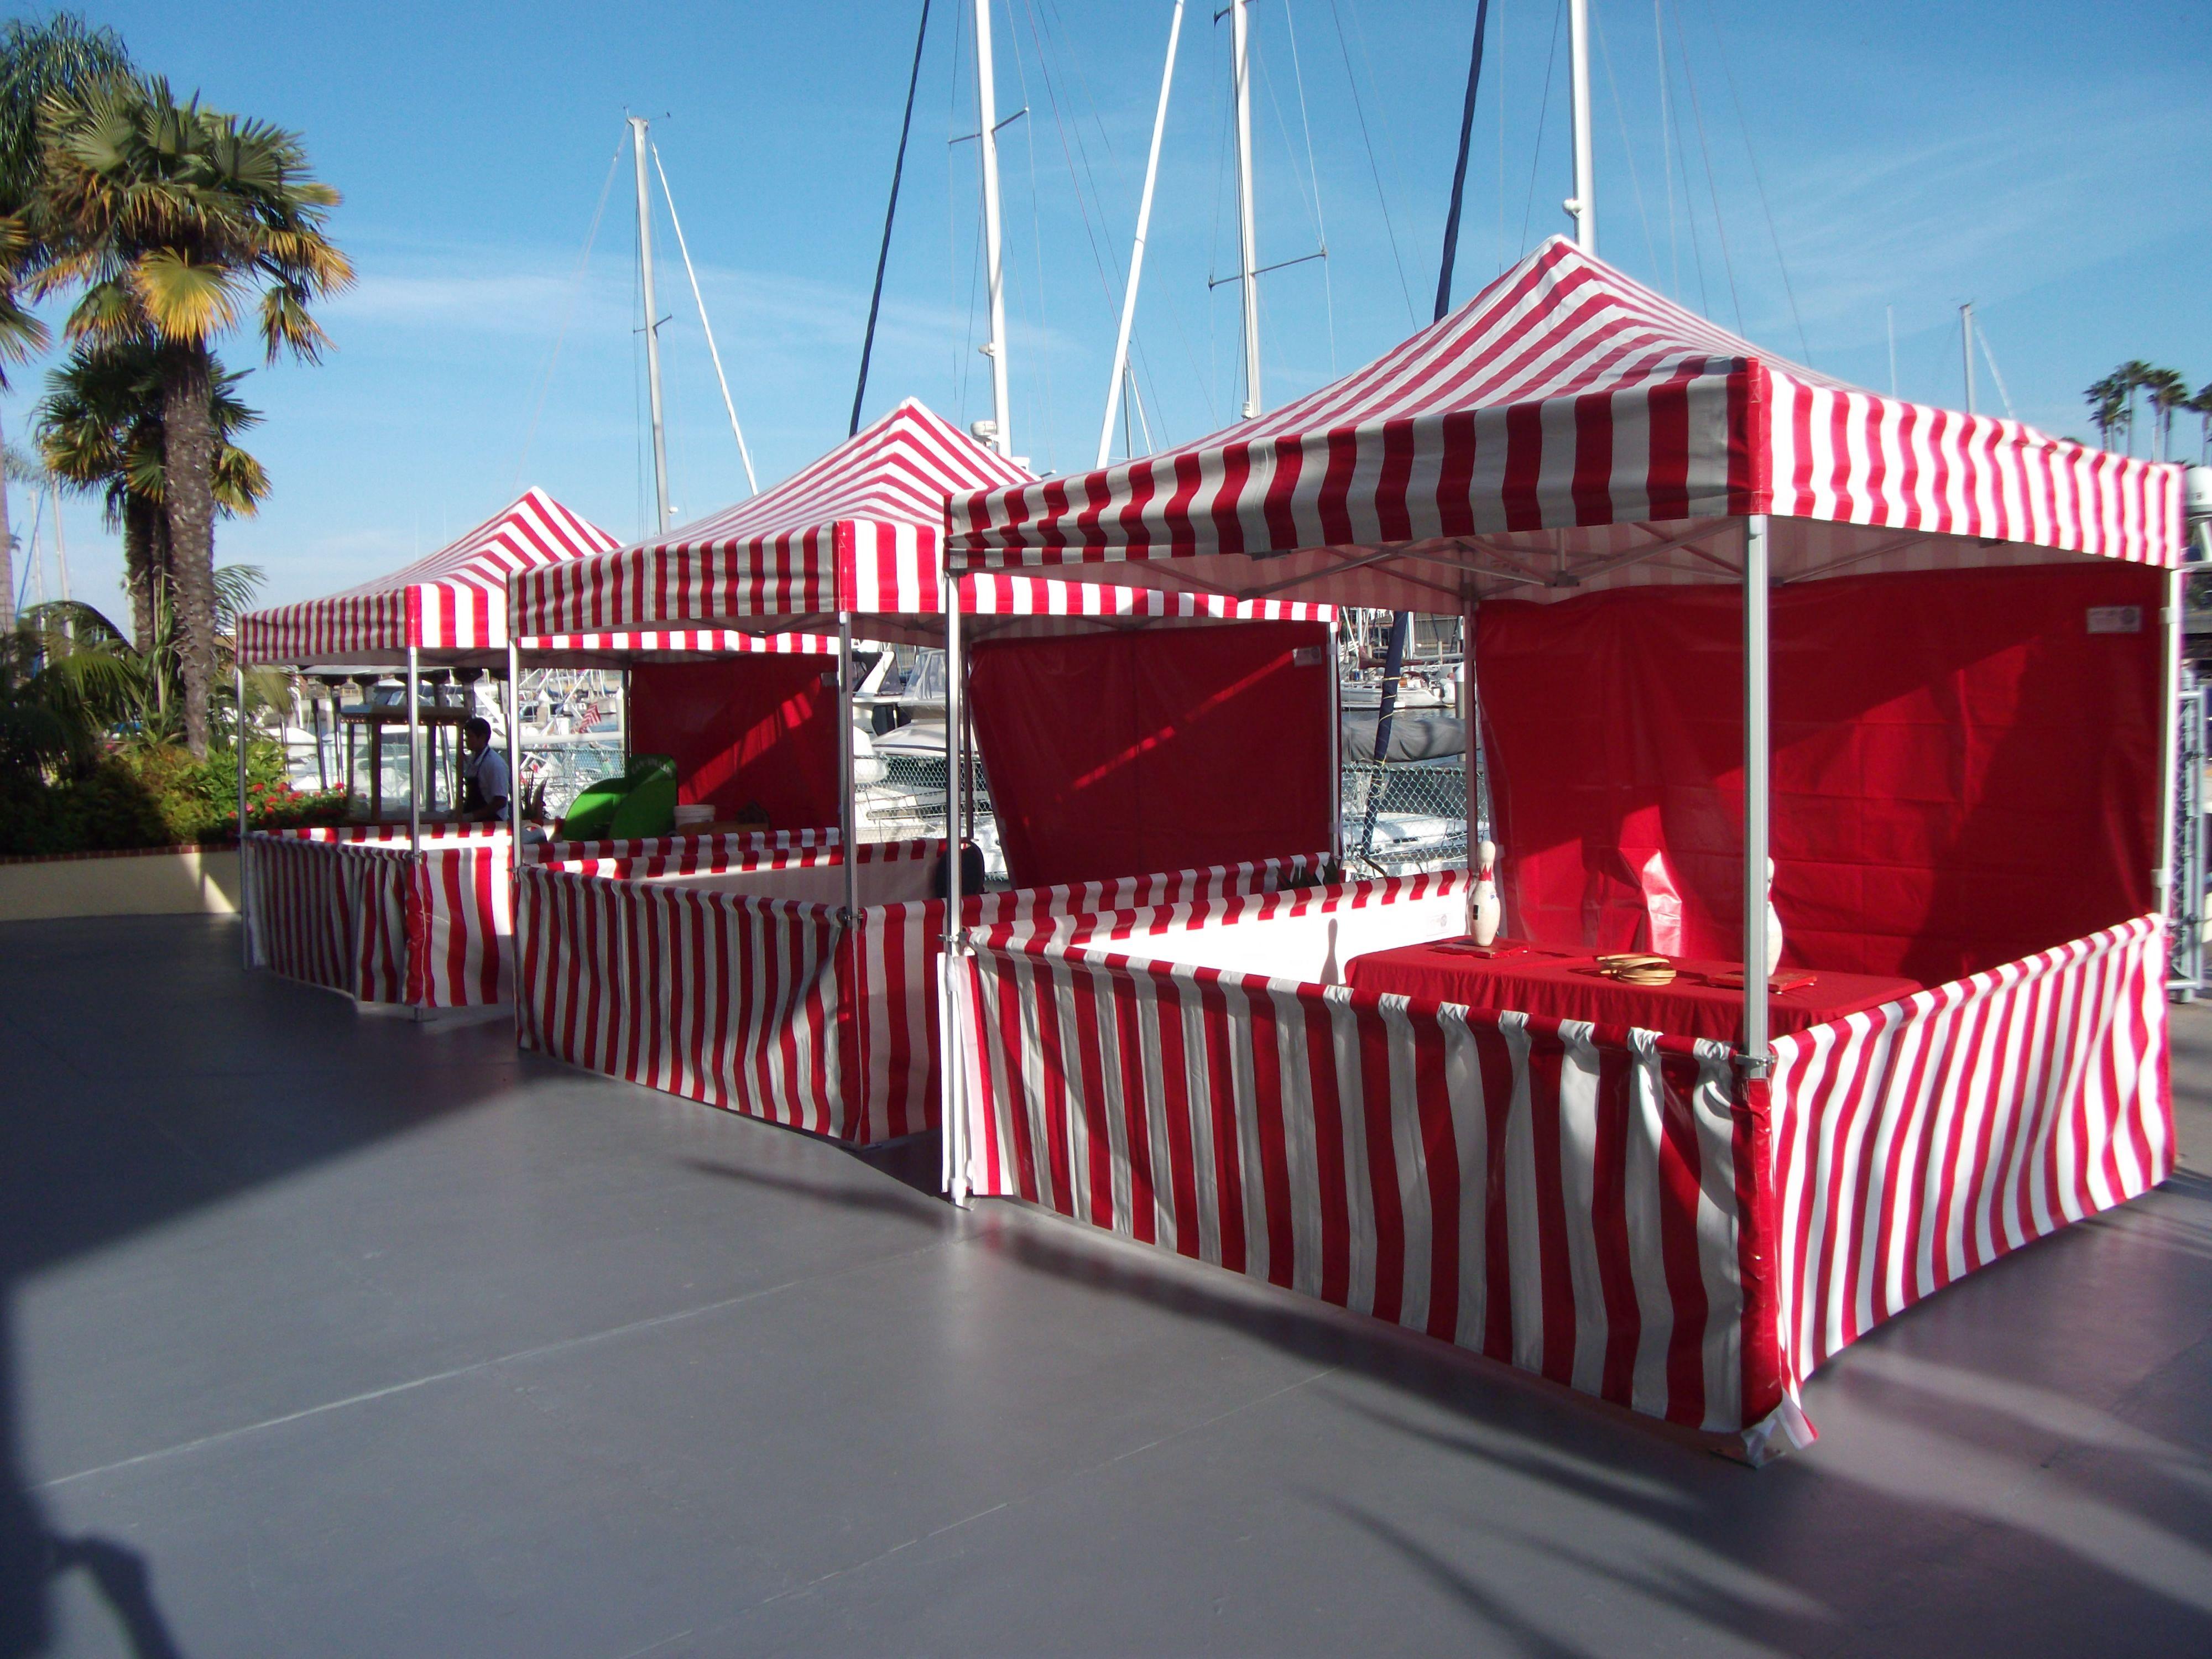 Game Rentals Barts Carts Inc. Tents Carnival games